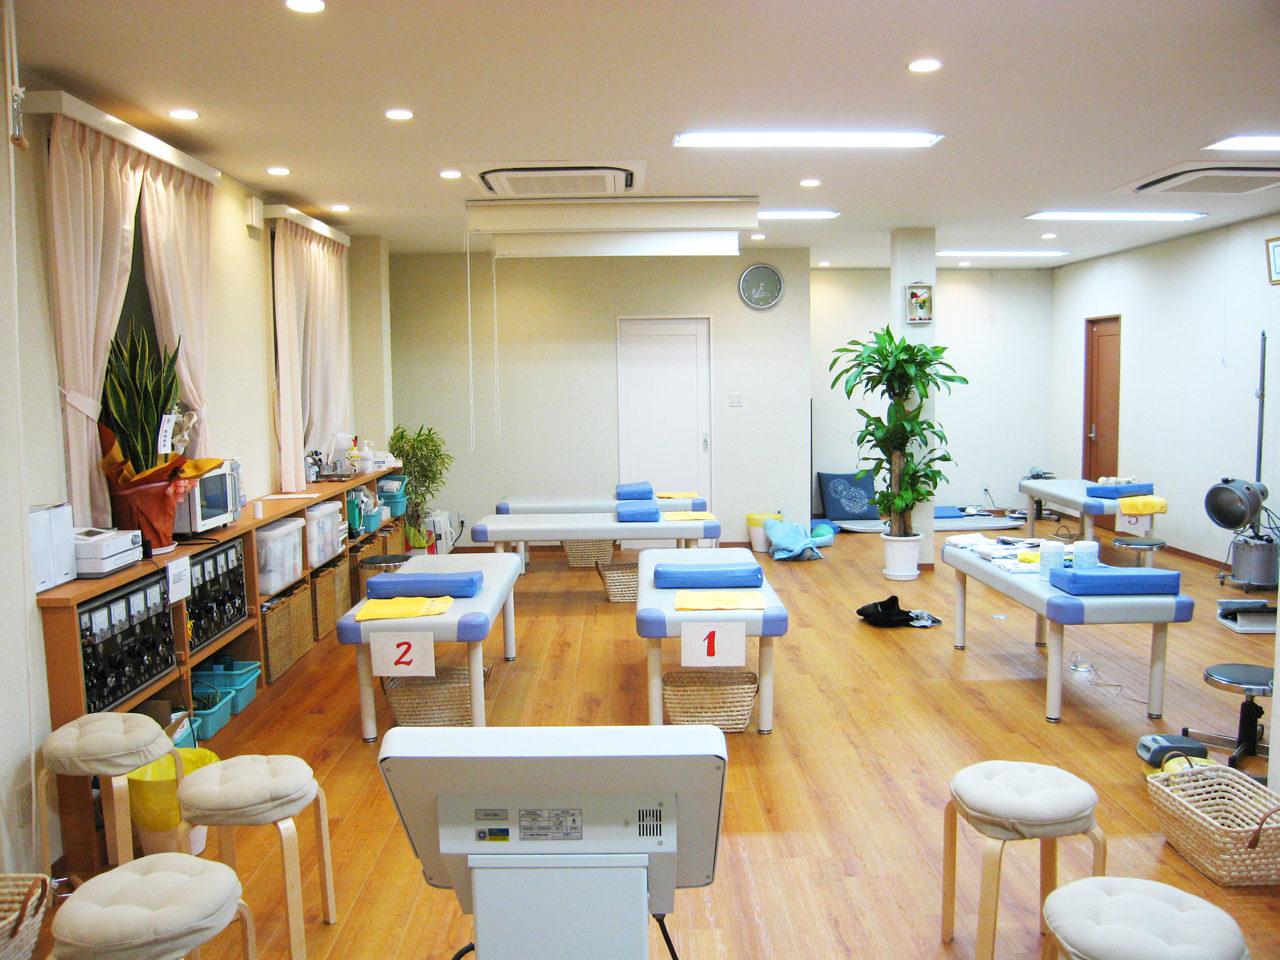 愛知県一宮市で新築建て替え設計、店舗デザインをした鍼灸接骨院と女性専用エステティックサロンとホームエレバーター付きバリアフリー二世帯住宅の施術室